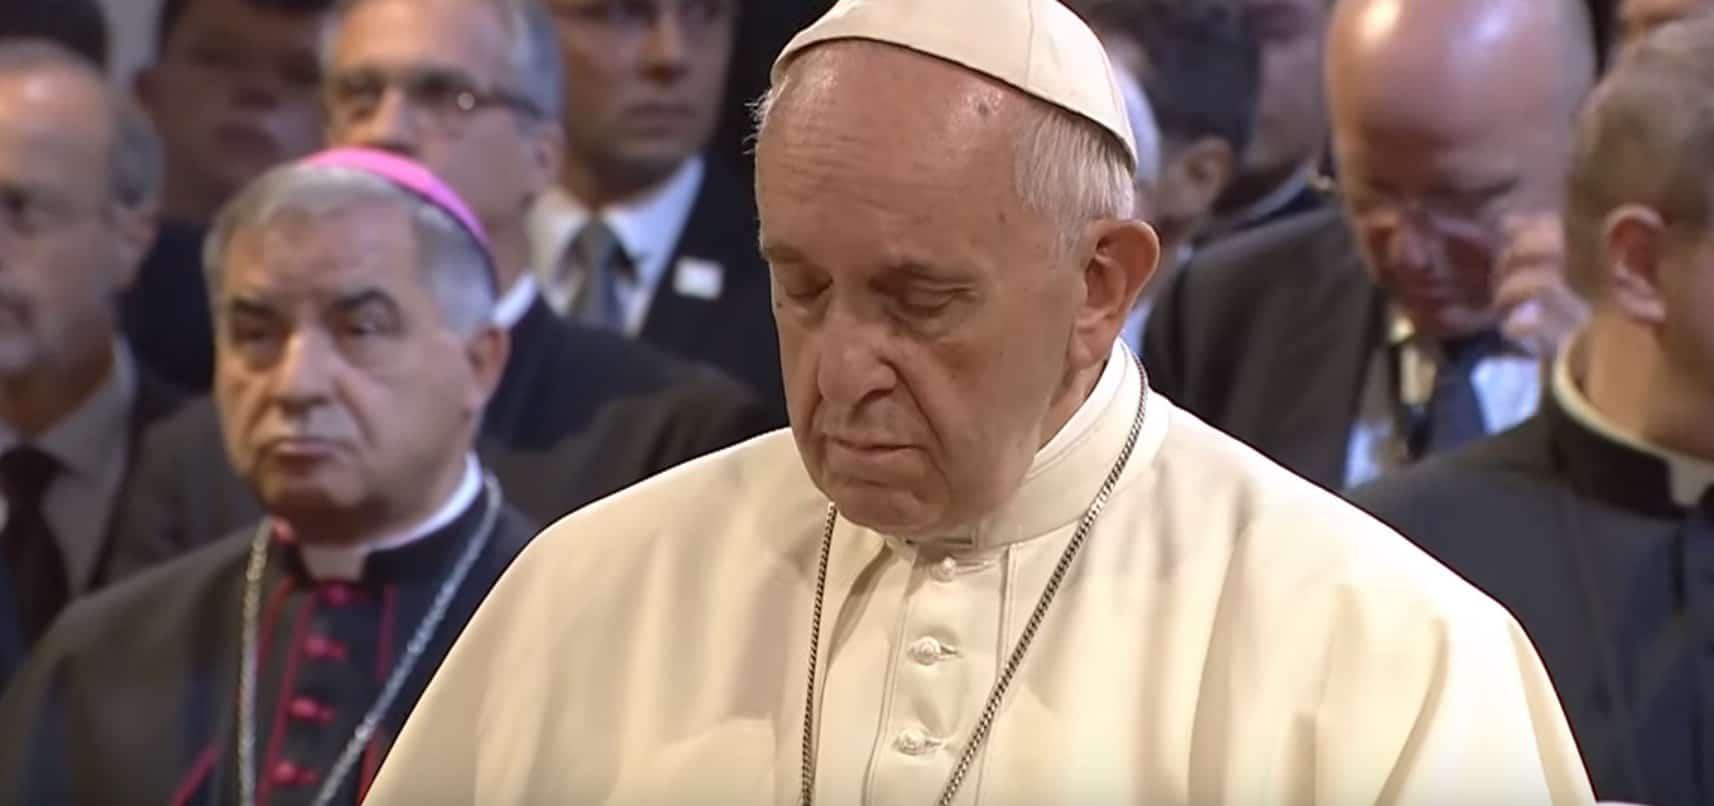 Papież Franciszek od dłuższego czasu jest chory, zdecydowano więc wykonać testy na obecność koronawirusa. Znane już są wyniki badania